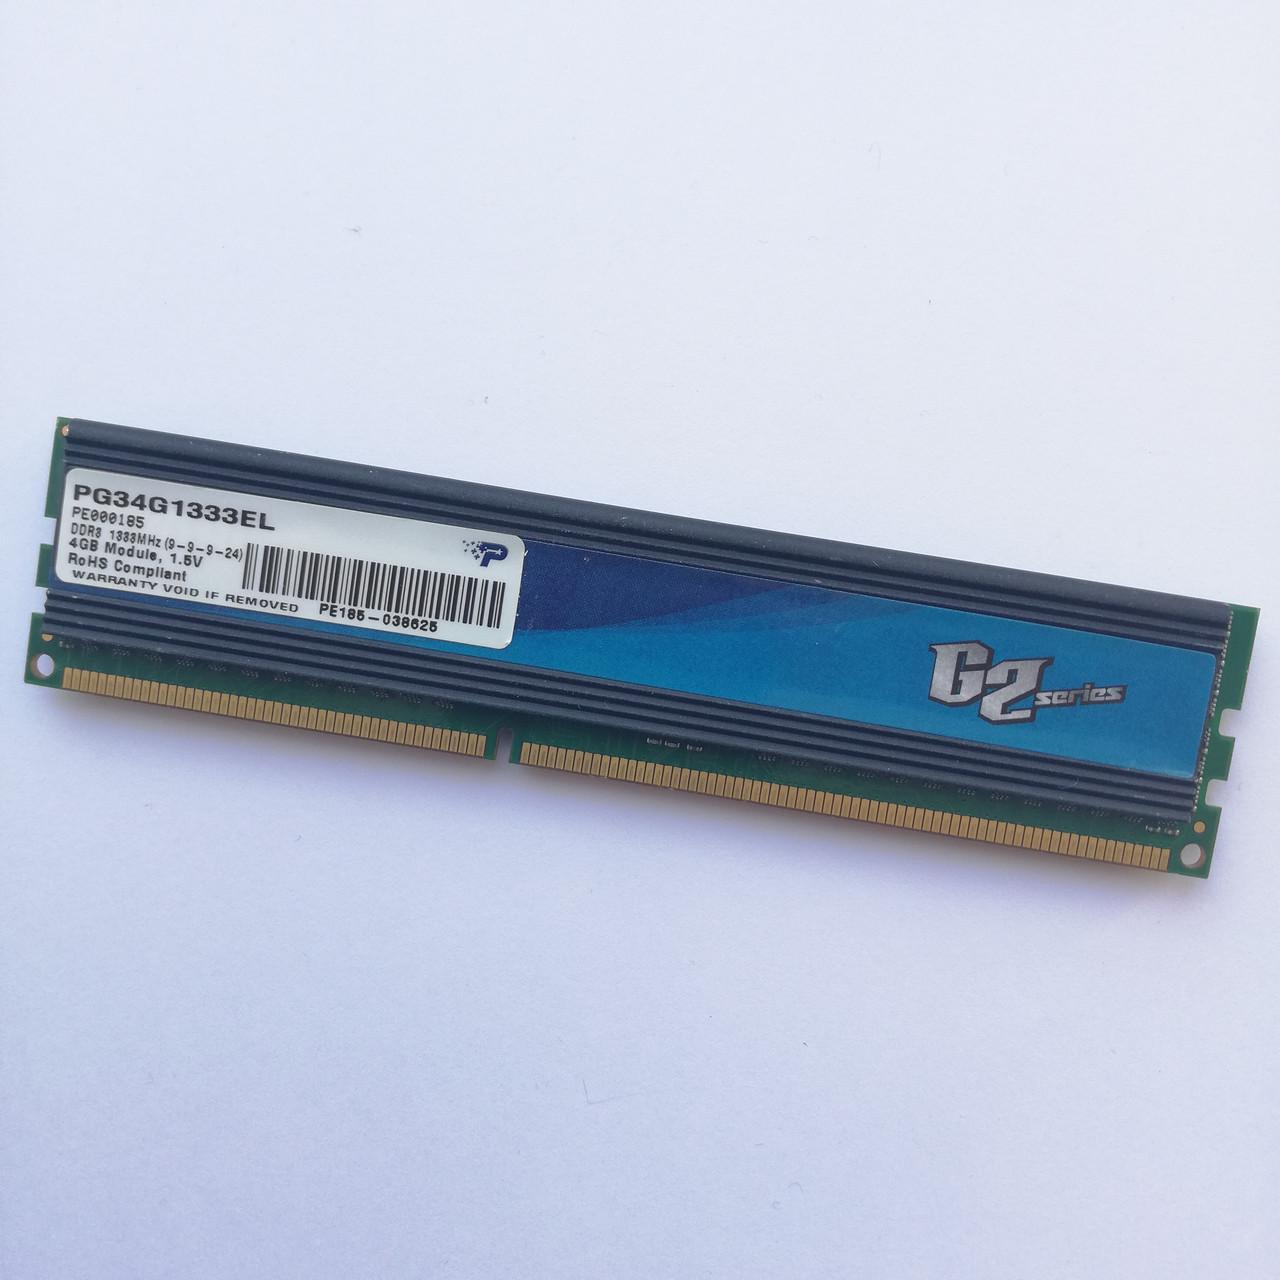 Игровая оперативная память Patriot DDR3 4Gb 1333MHz PC3-10600U CL9 (PG34G1333EL) Б/У